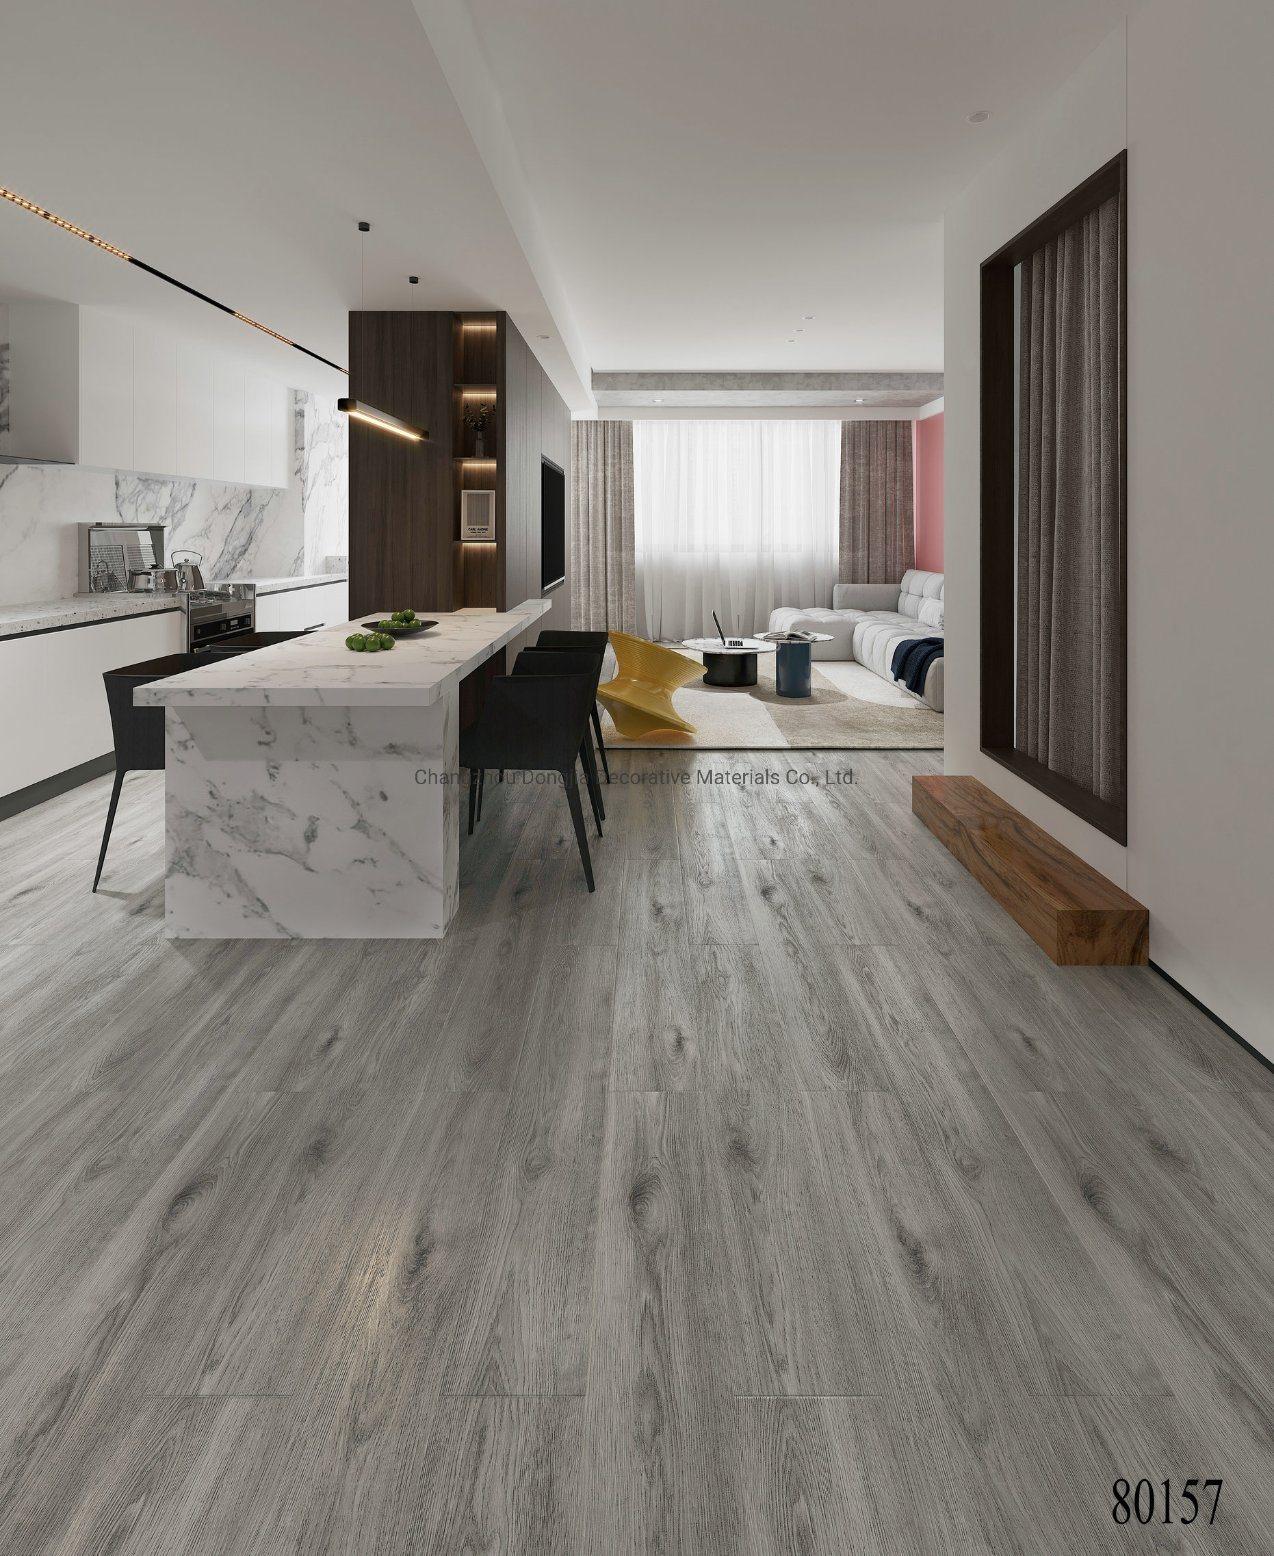 Premium Quality Laminate Flooring 12mm